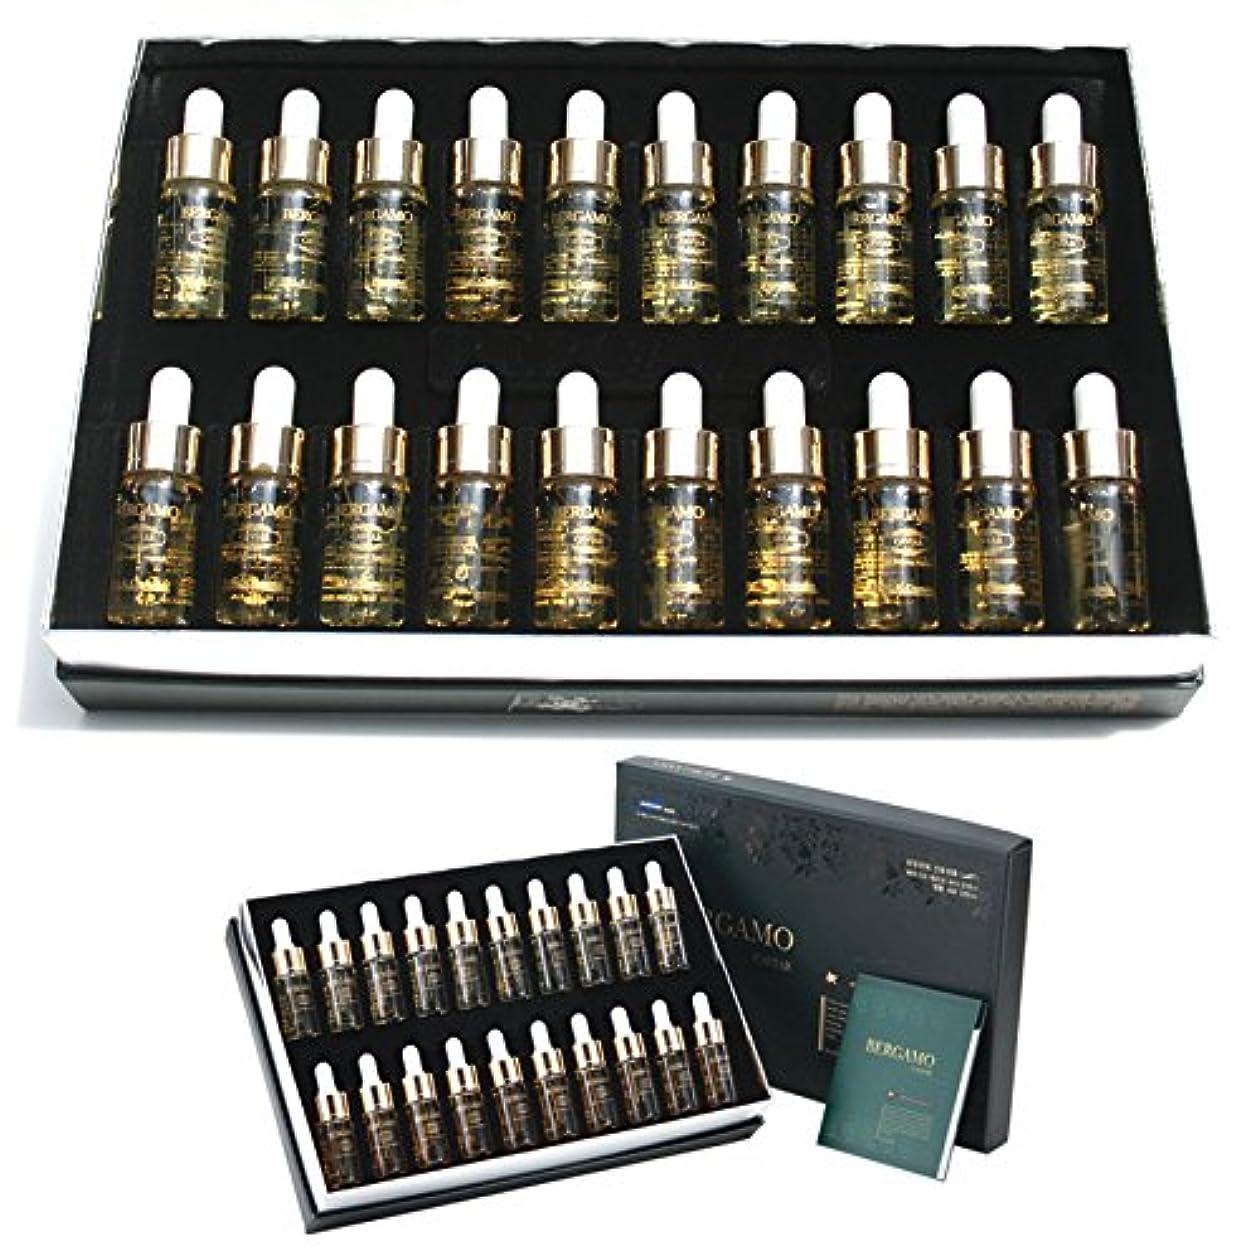 れんがしっとり倒産[ベルガモ]Bergamo/キャビア高効力のビタミンアンプルセット13ml * 20ea/Caviar High Potency Vitamin Ampoule Set 13ml * 20ea/韓国化粧品/Korean Cosmetics [並行輸入品]